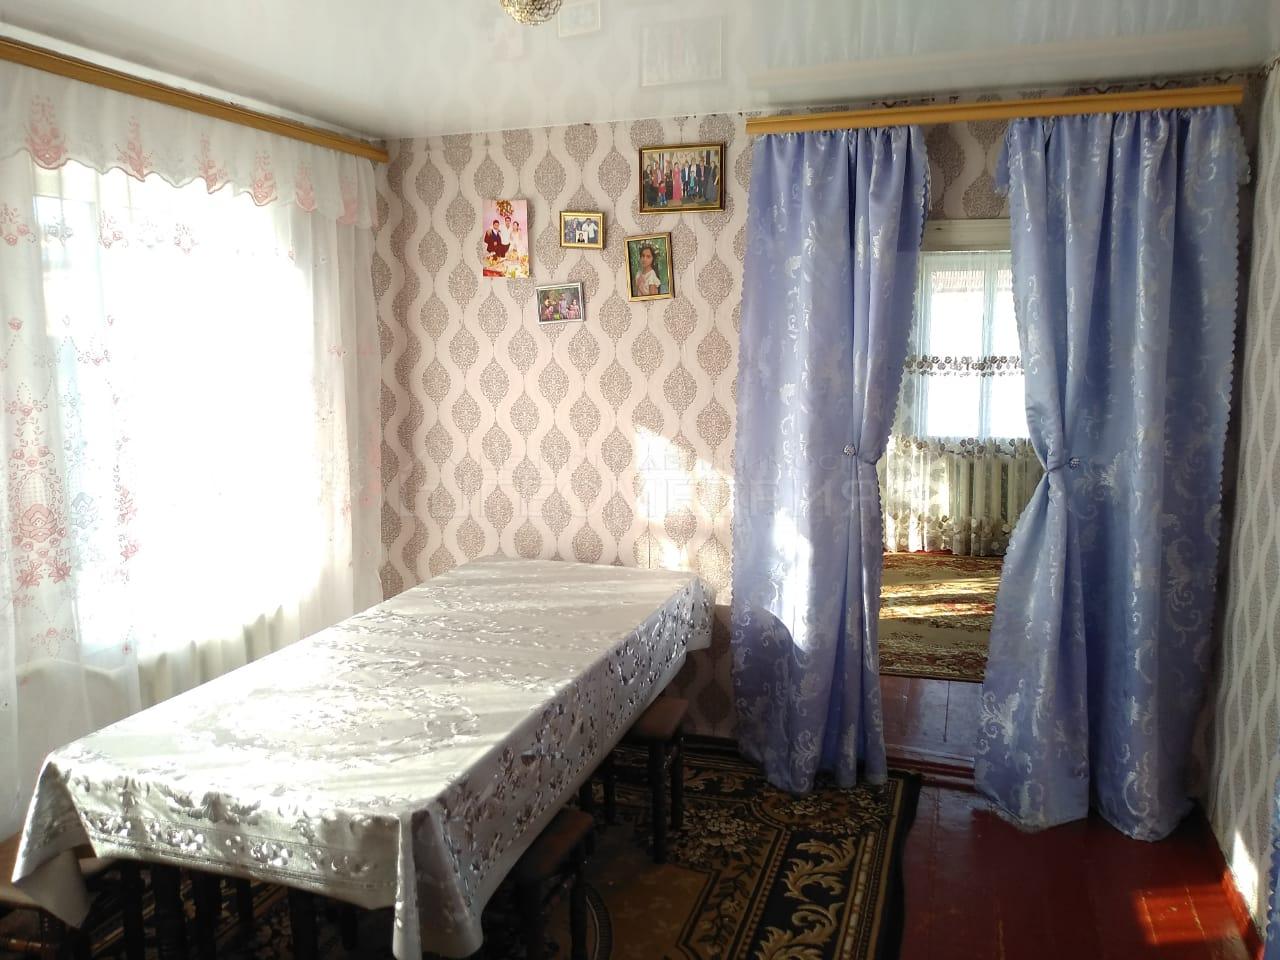 Продам дом по адресу Россия, Краснодарский край, Динской район, Новотитаровская фото 3 по выгодной цене